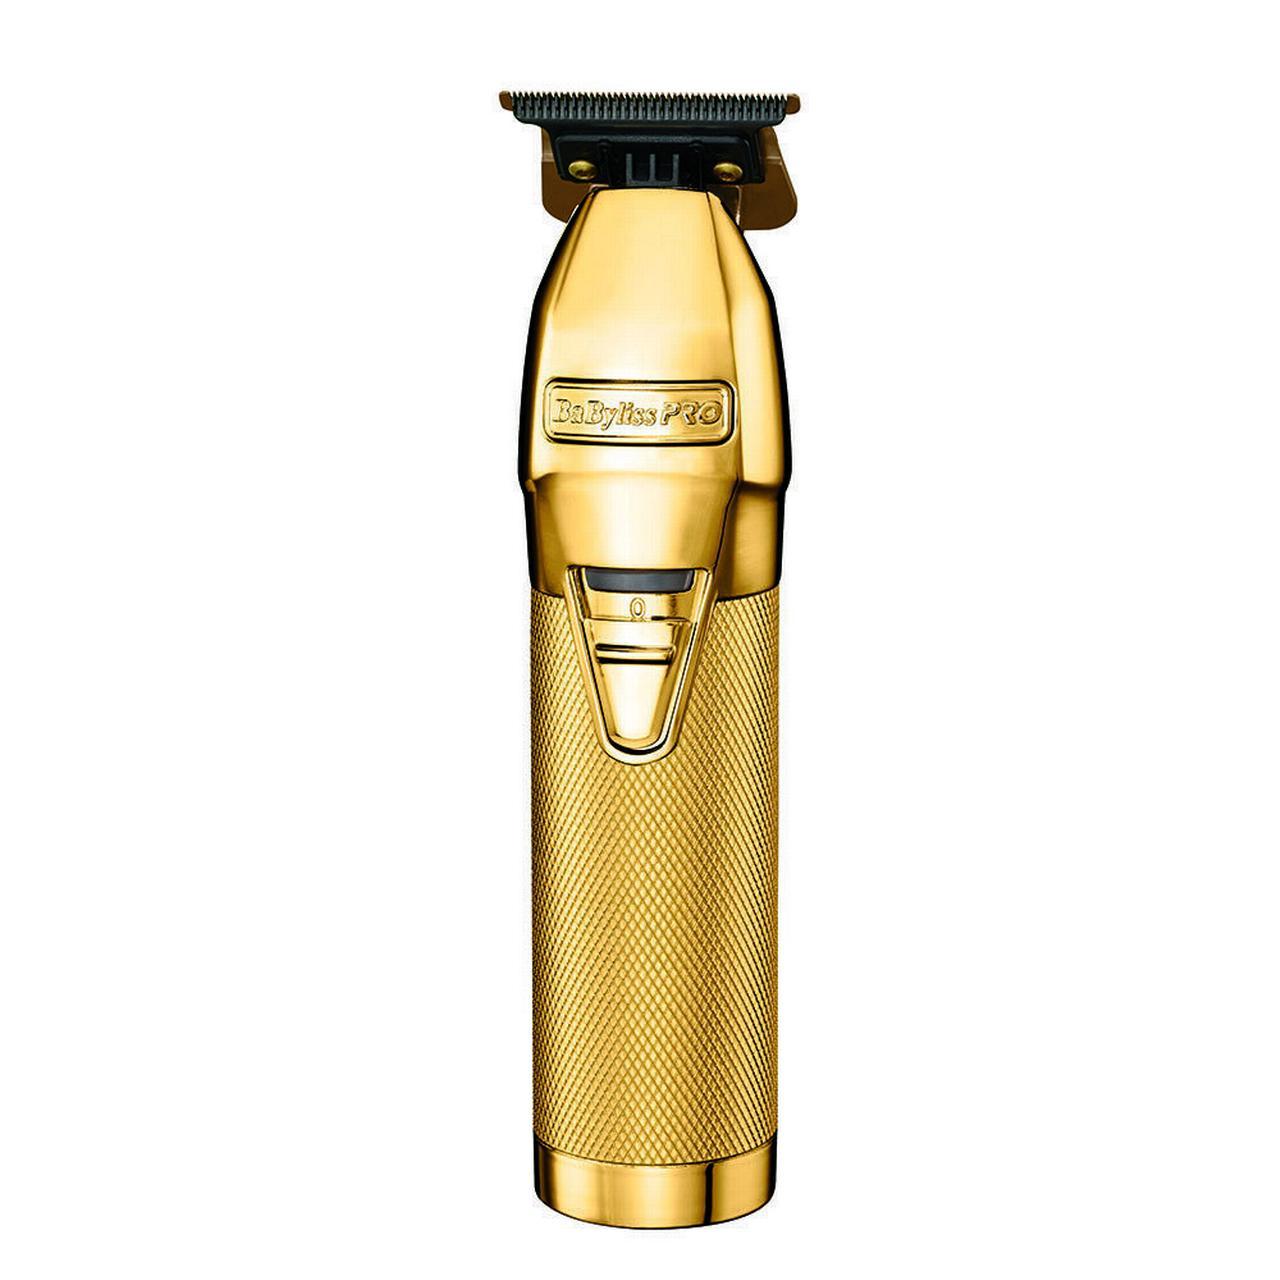 CONAIR FX787G BABYLISS PRO GOLD FX SKELETON CORDLESS TRIMMER.